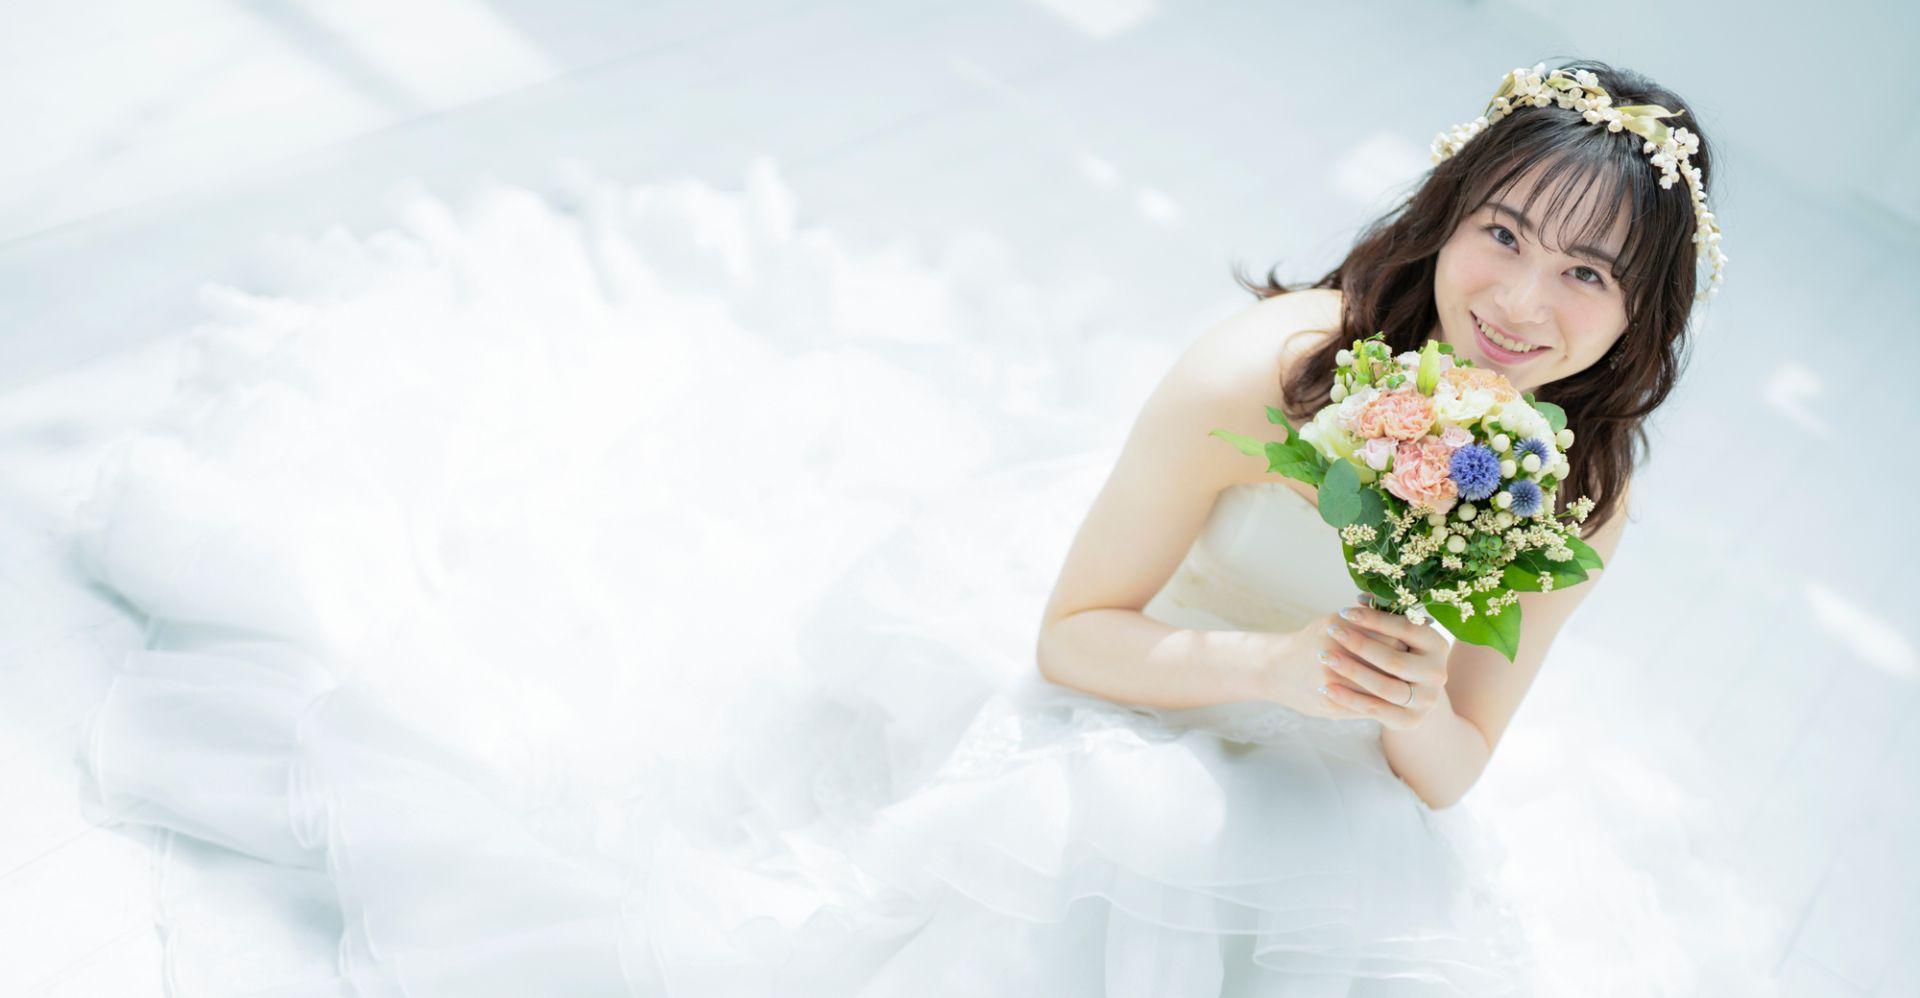 ハンパない妥協!最短の準備期間で結婚式を叶える3つのポイント